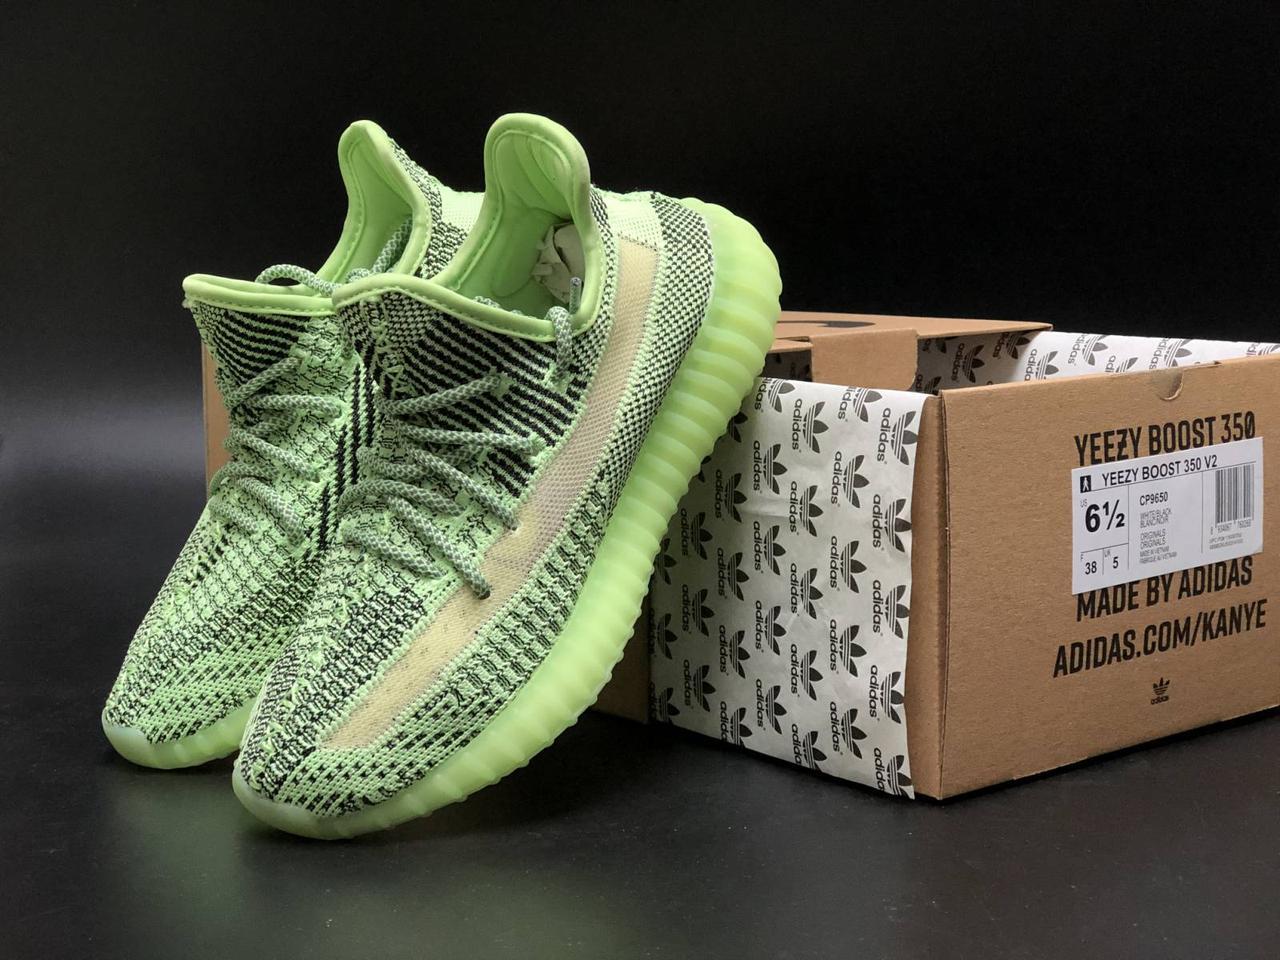 Женские кроссовки Adidas Yeezy 350 зеленый, адидас изи буст. Полный рефлектив. ТОП Реплика ААА класса.